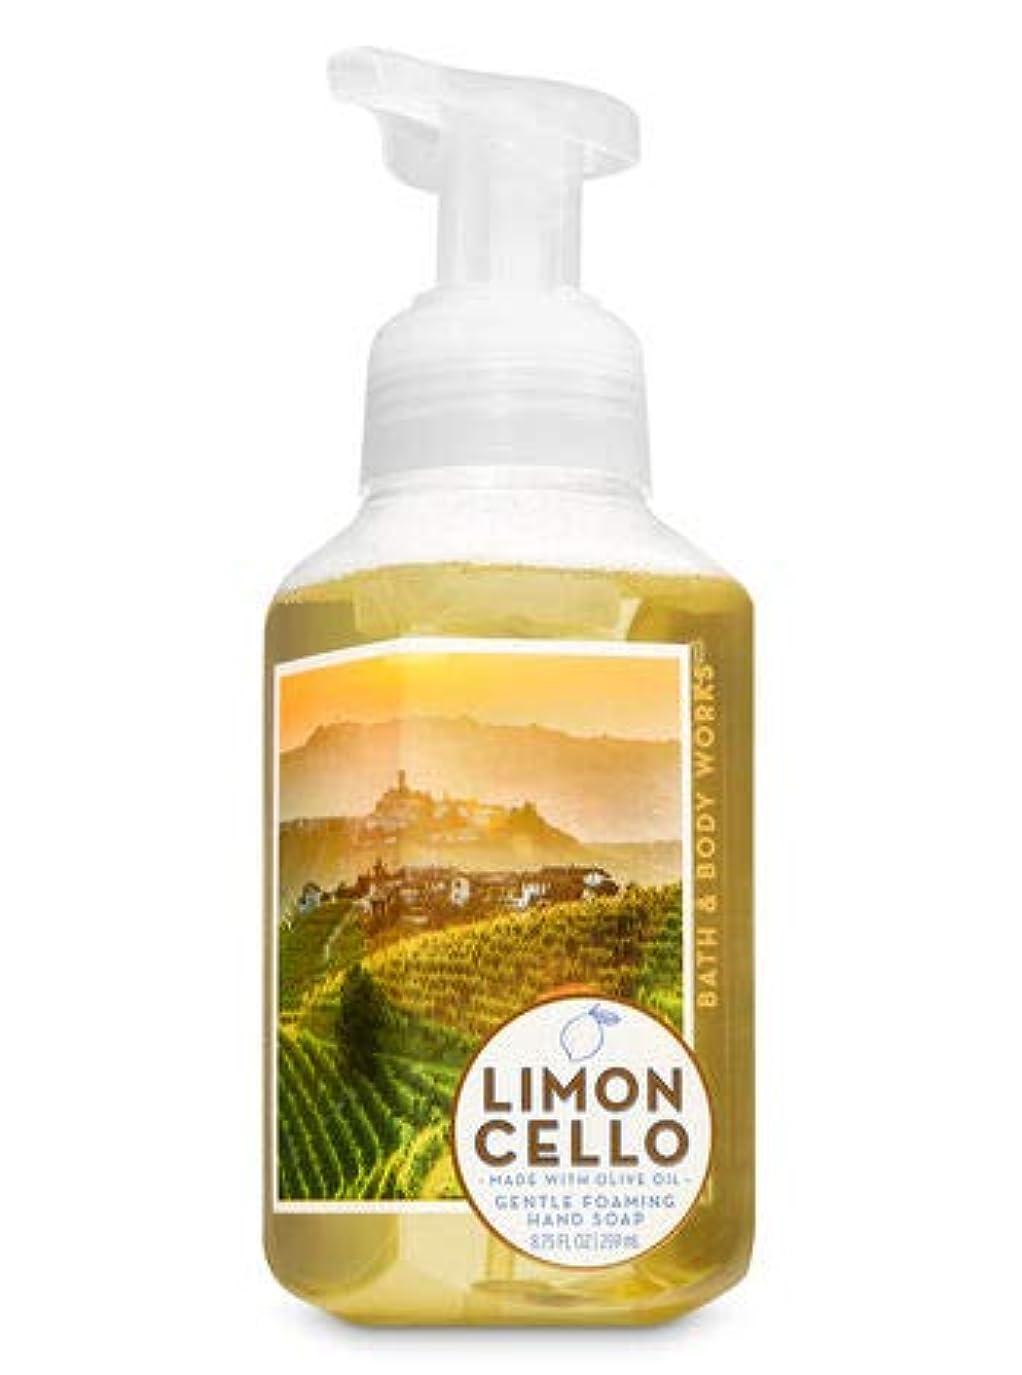 メーター揃える絶えずバス&ボディワークス リモンチェッロ ジェントル フォーミング ハンドソープ Limoncello Gentle Foaming Hand Soap